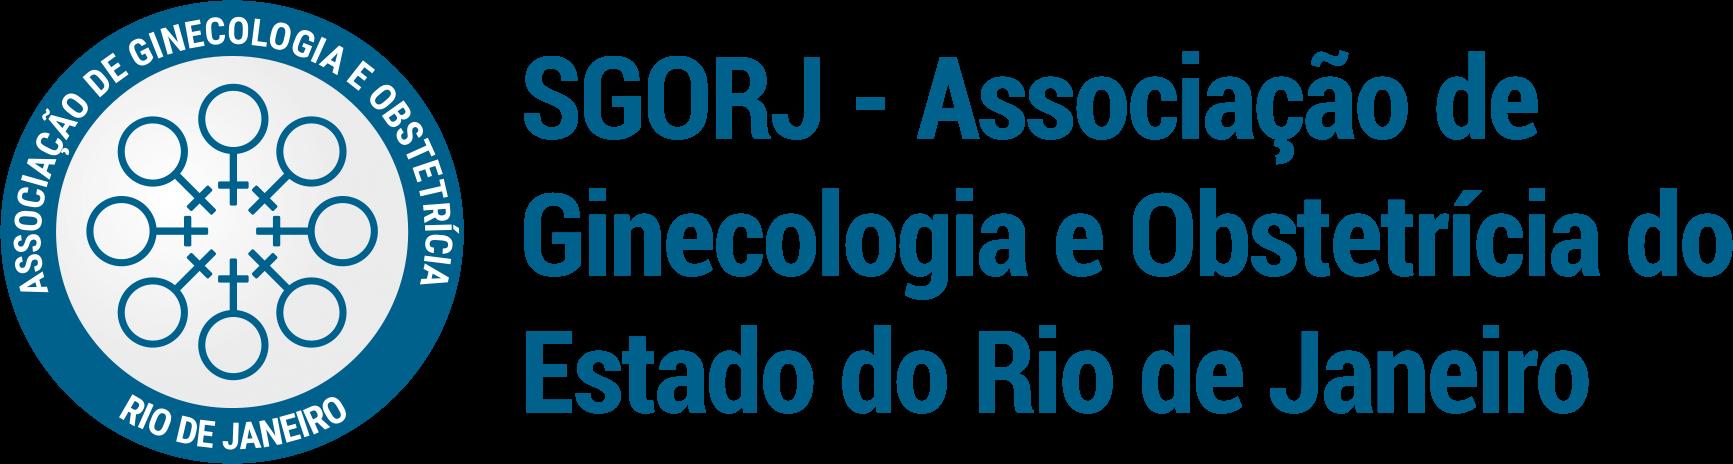 Logo Sgorj